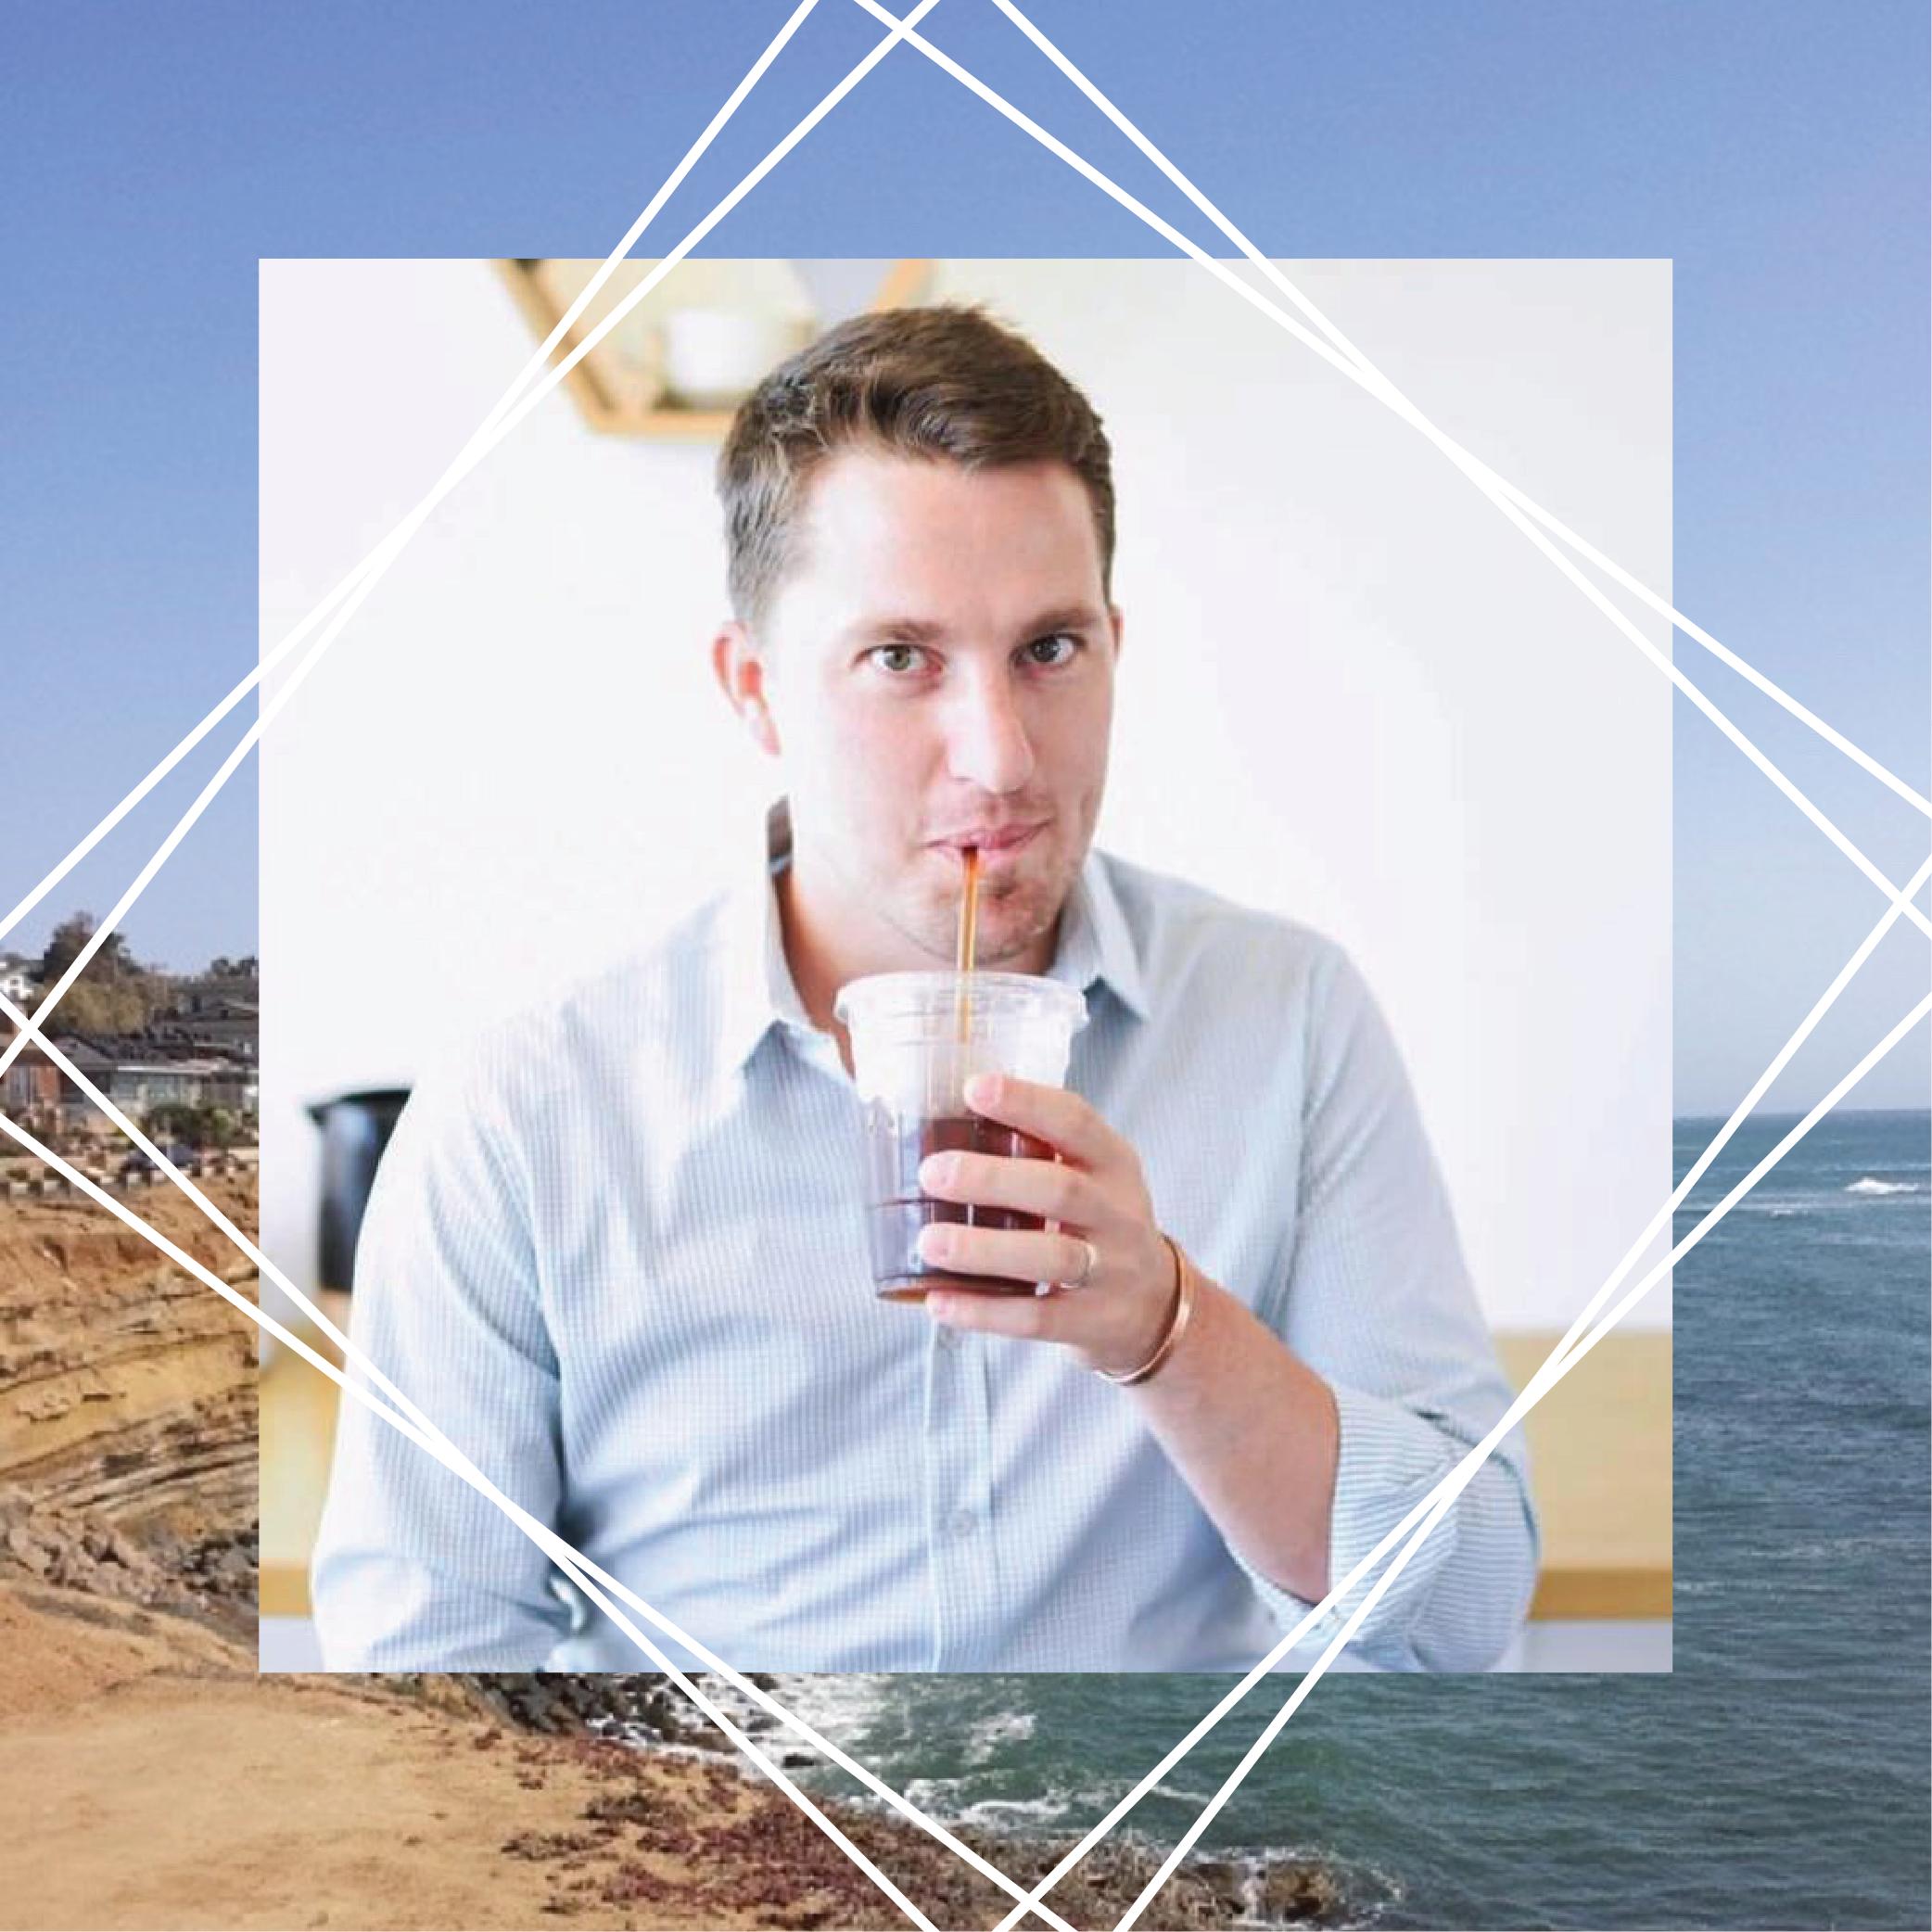 Braden Drake: avid runner, iced coffee addict